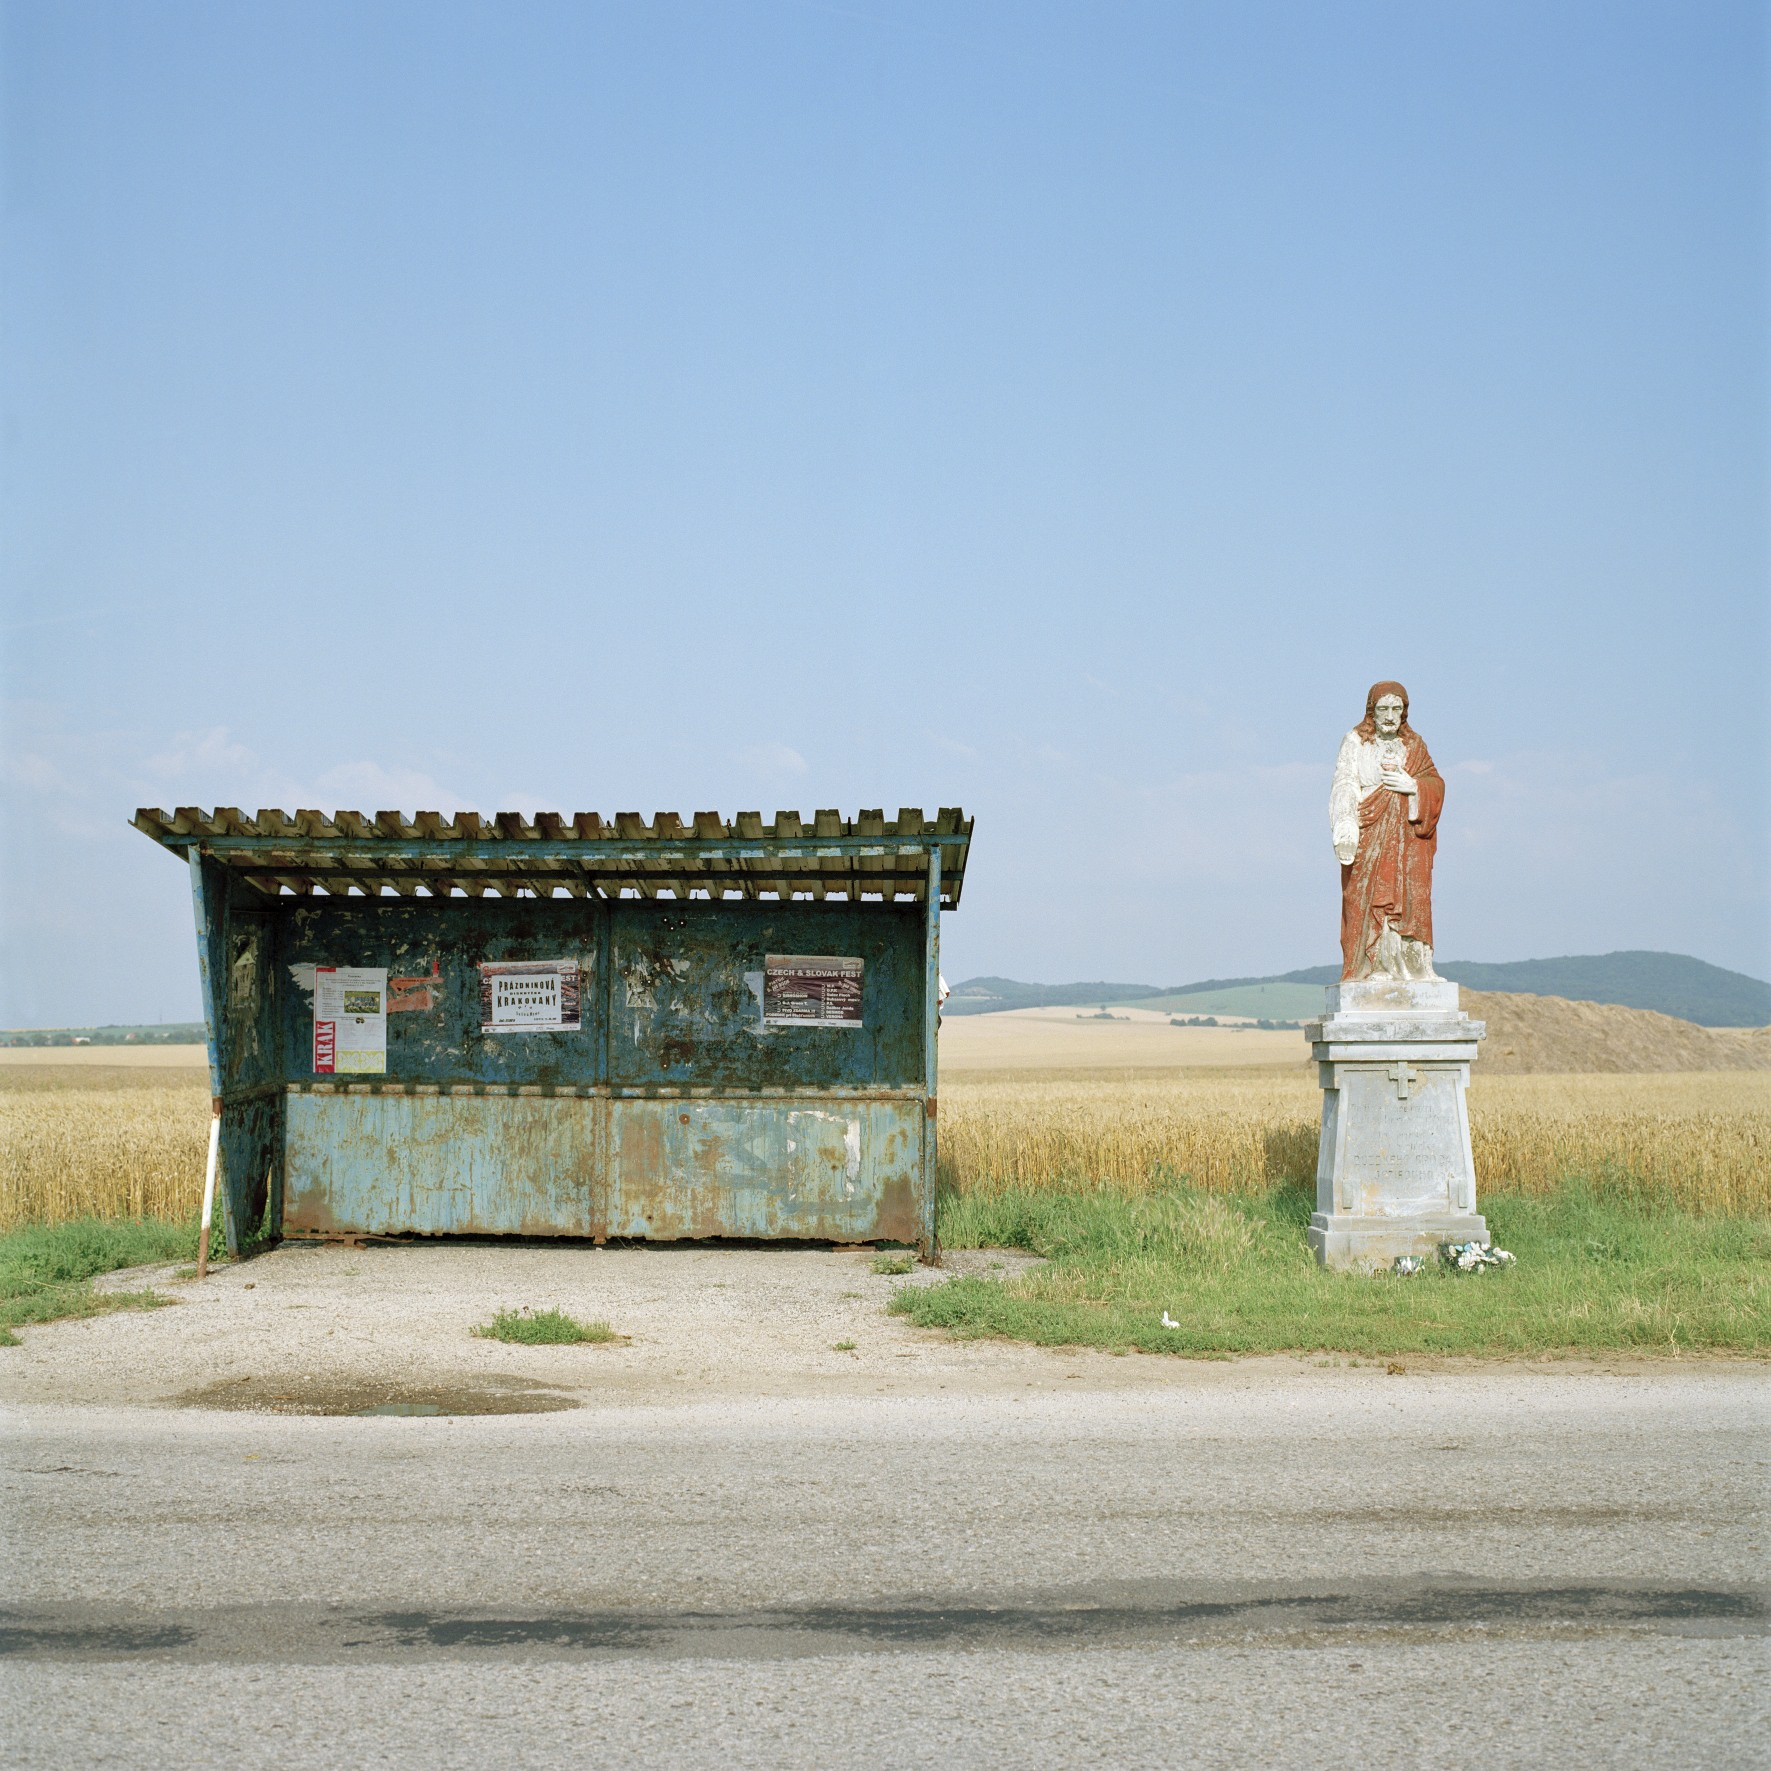 Foto: (c) Bruno Laesser